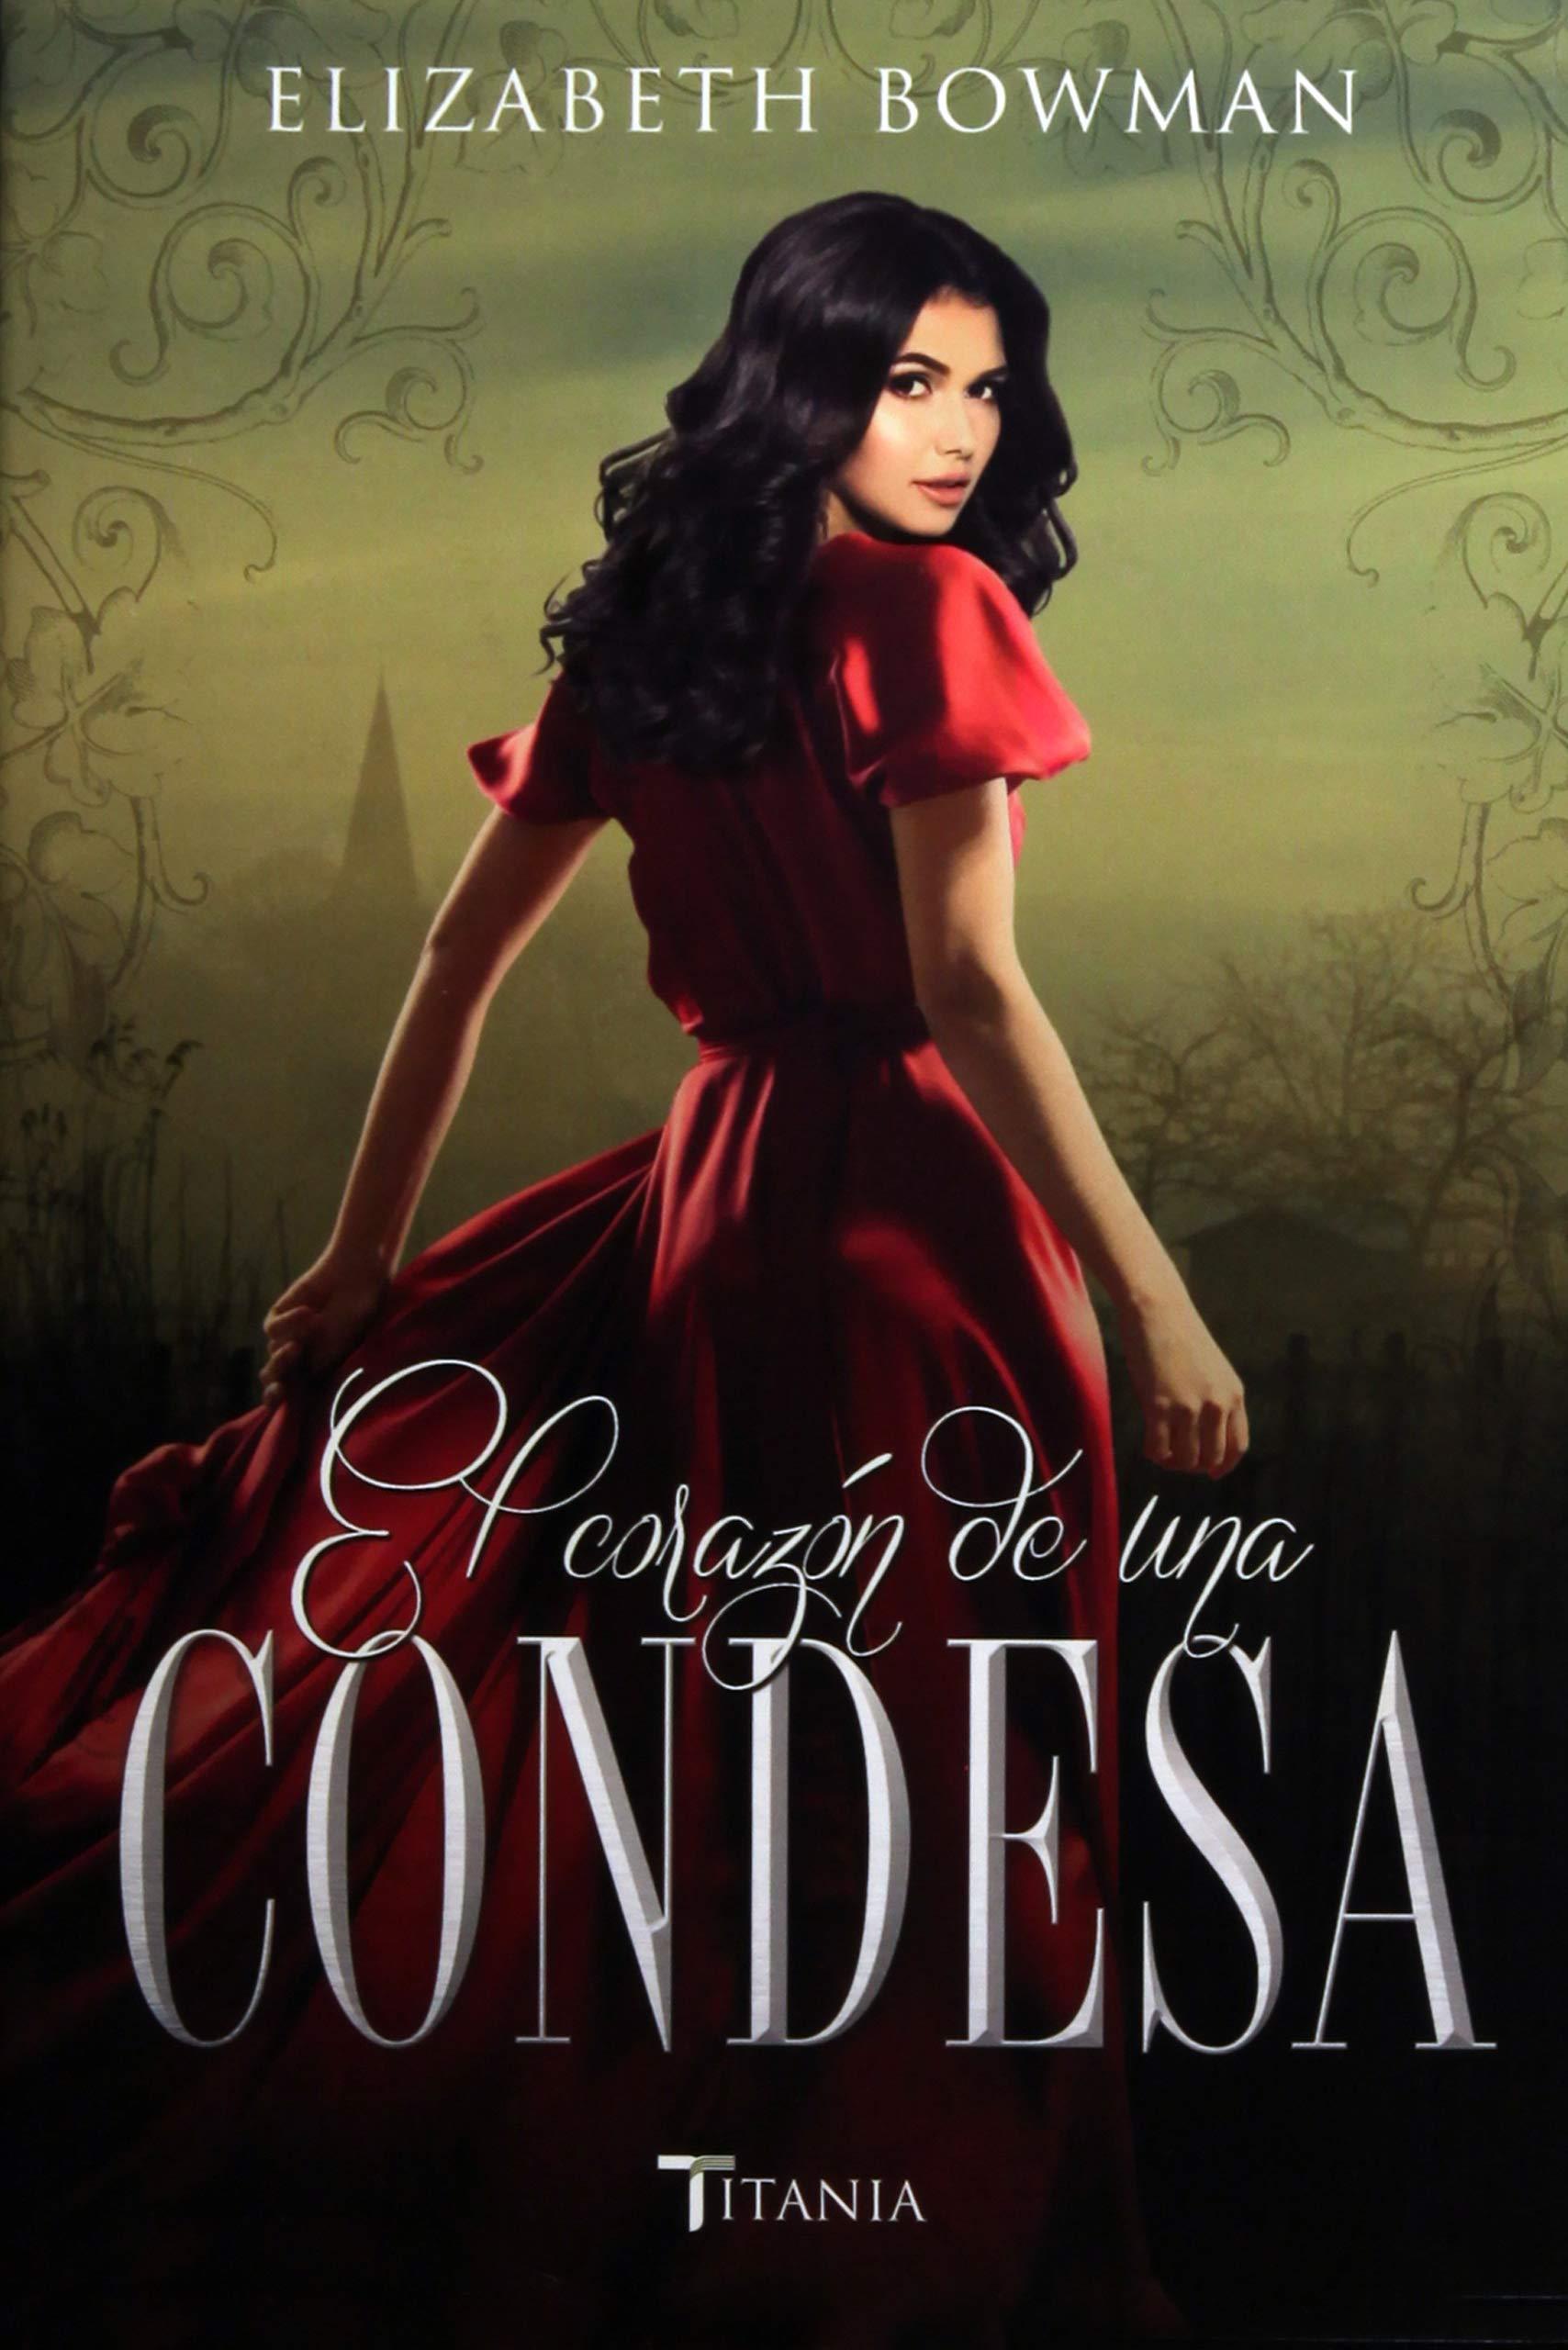 El Corazon de una Condesa (Spanish) Paperback – 30 Apr 2017